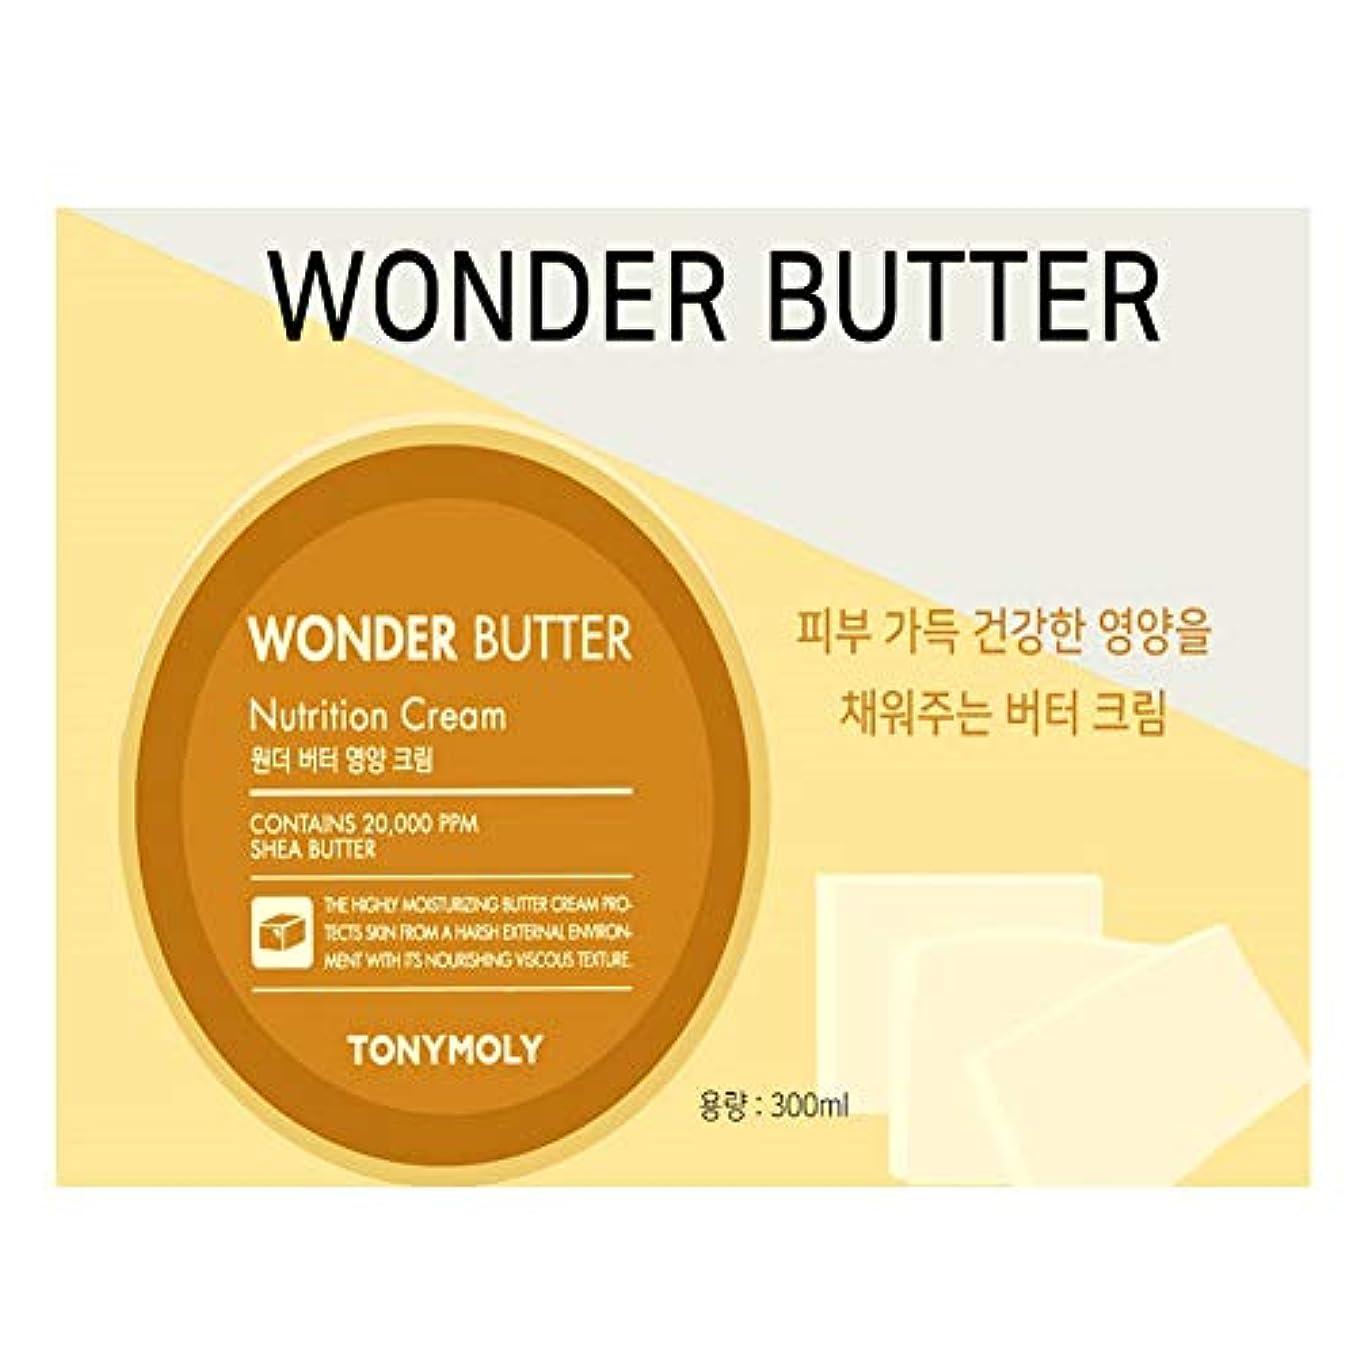 福祉期間紳士気取りの、きざなトニーモリーワンダーバター栄養クリーム300ml x 2本セット、Tonymoly Wonder Butter Nutrition Cream 300ml x 2ea Set [並行輸入品]